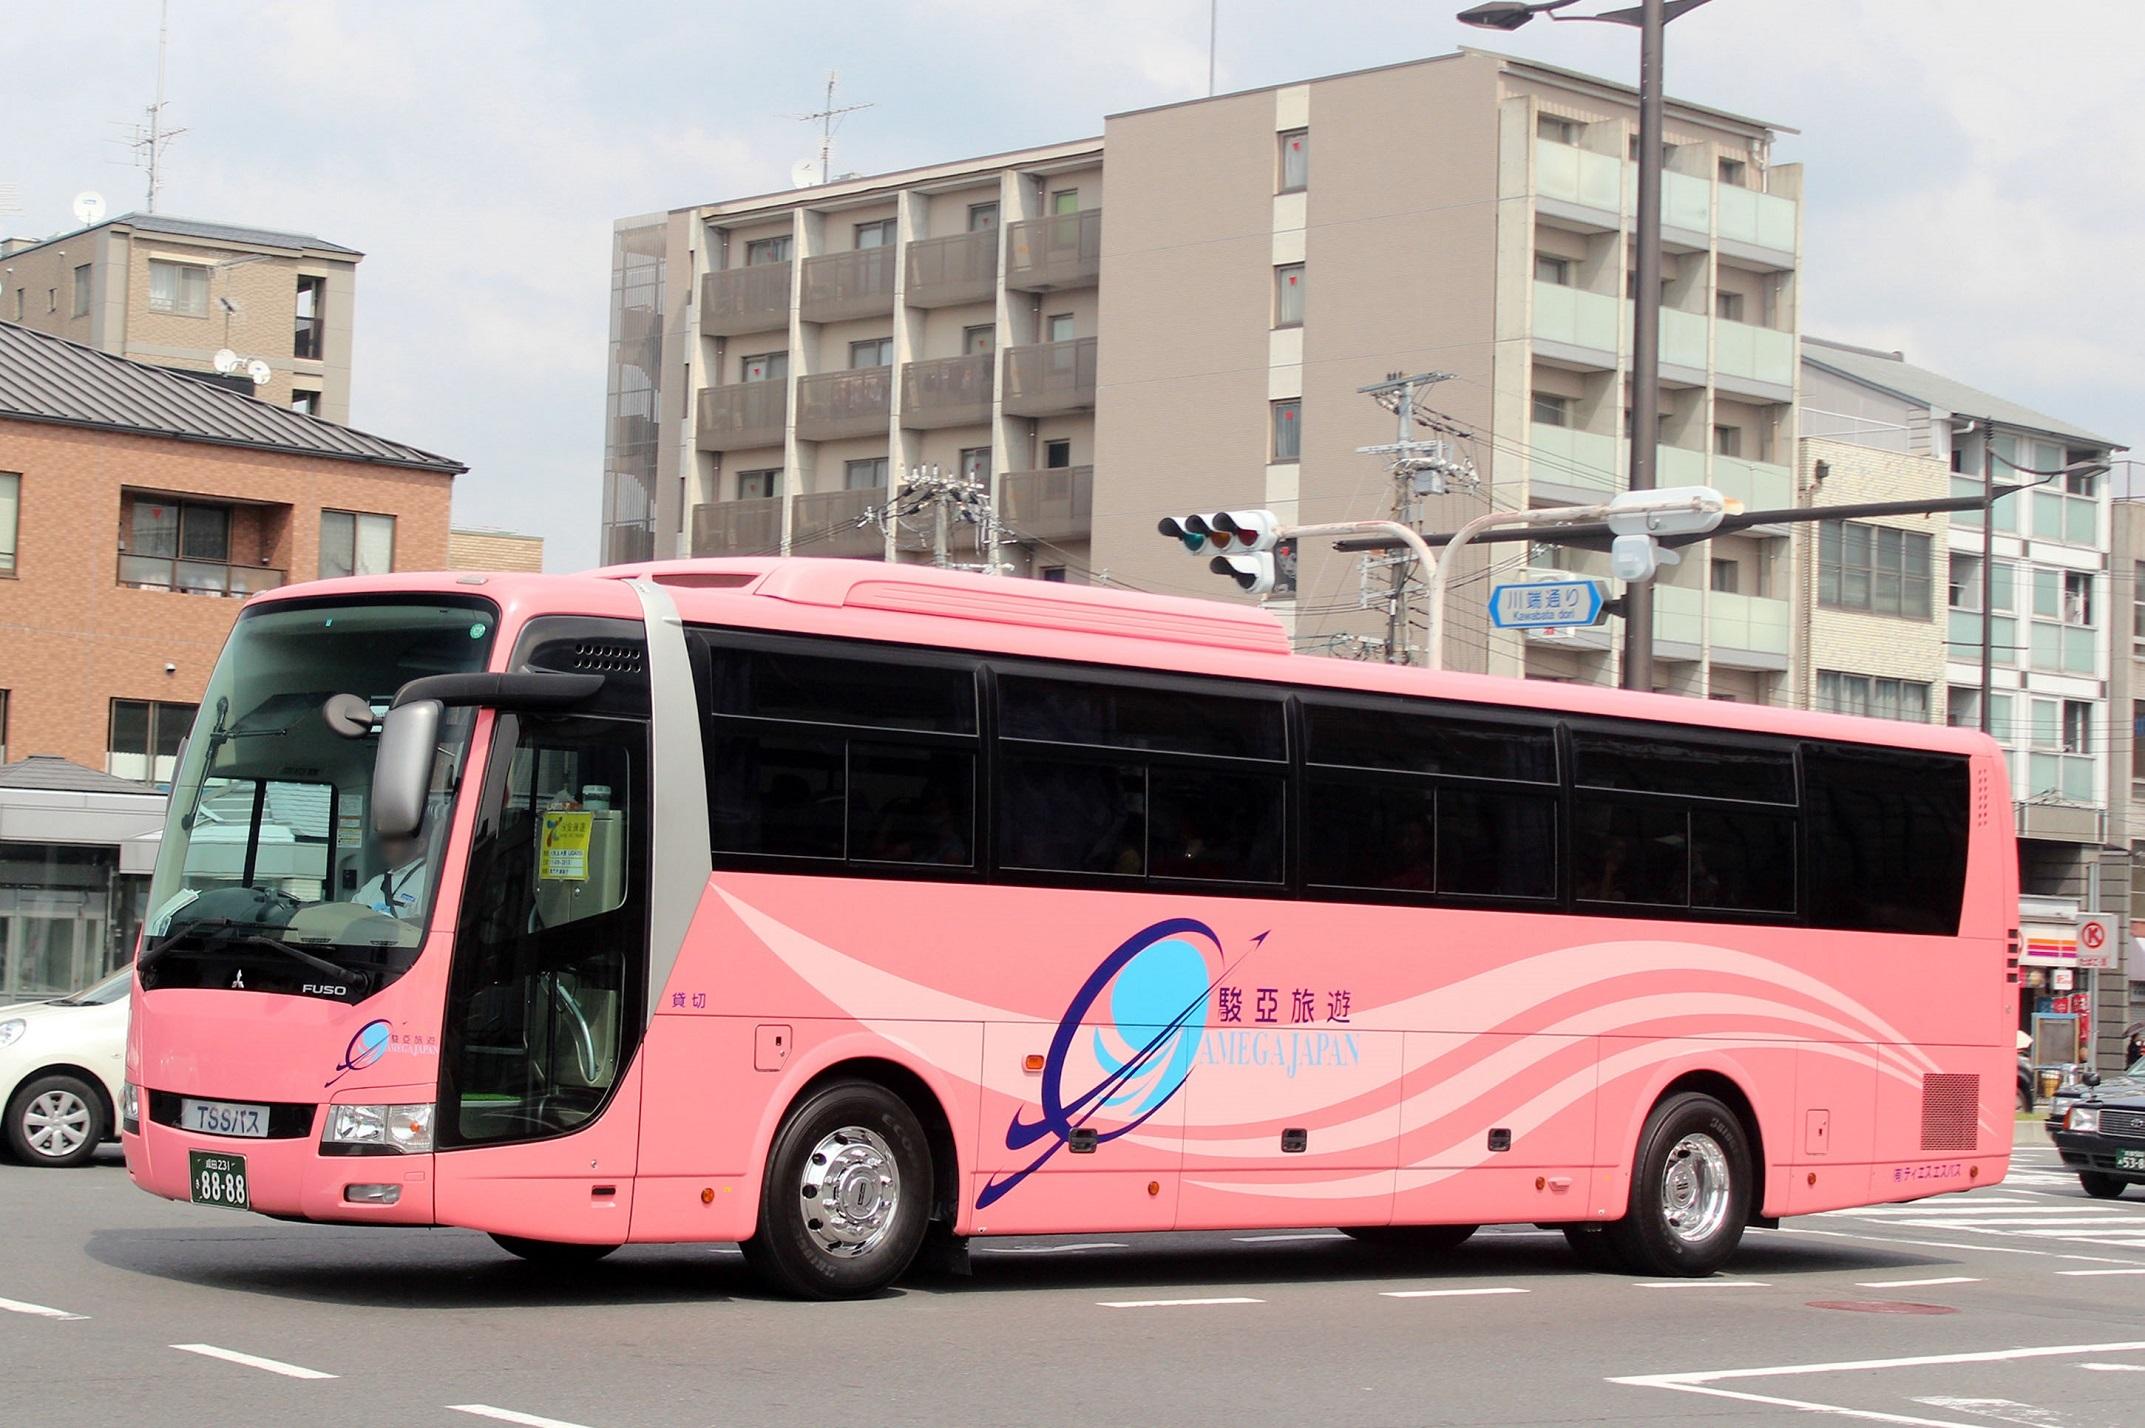 TSSバス 231き8888